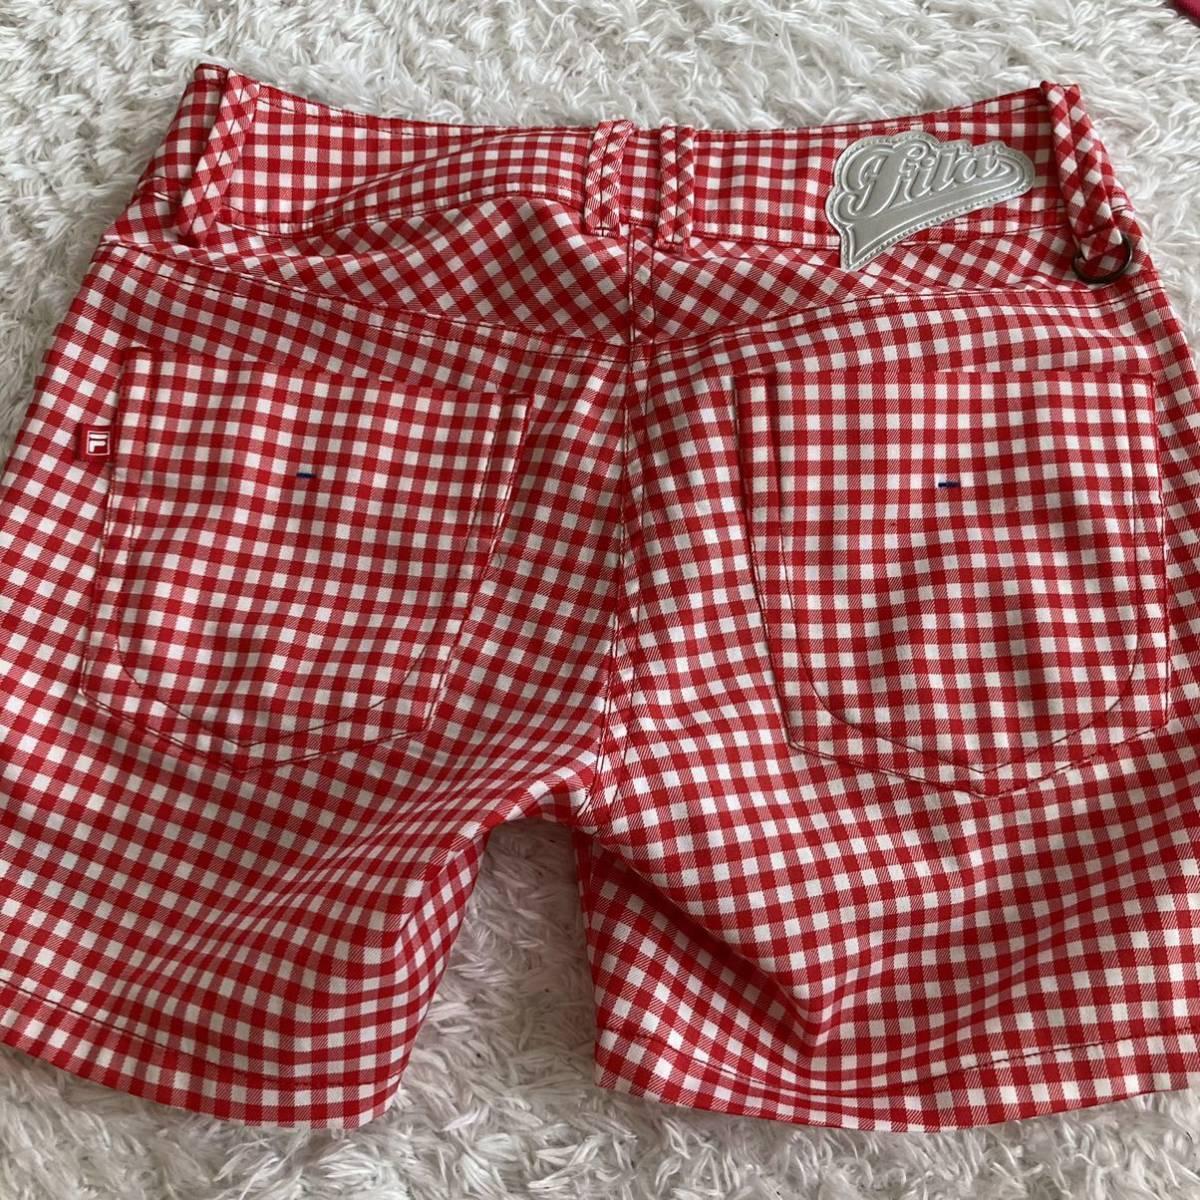 フィラゴルフ ショートパンツS 赤ギンガムチェック 半ズボン ウェア ハーフパンツ